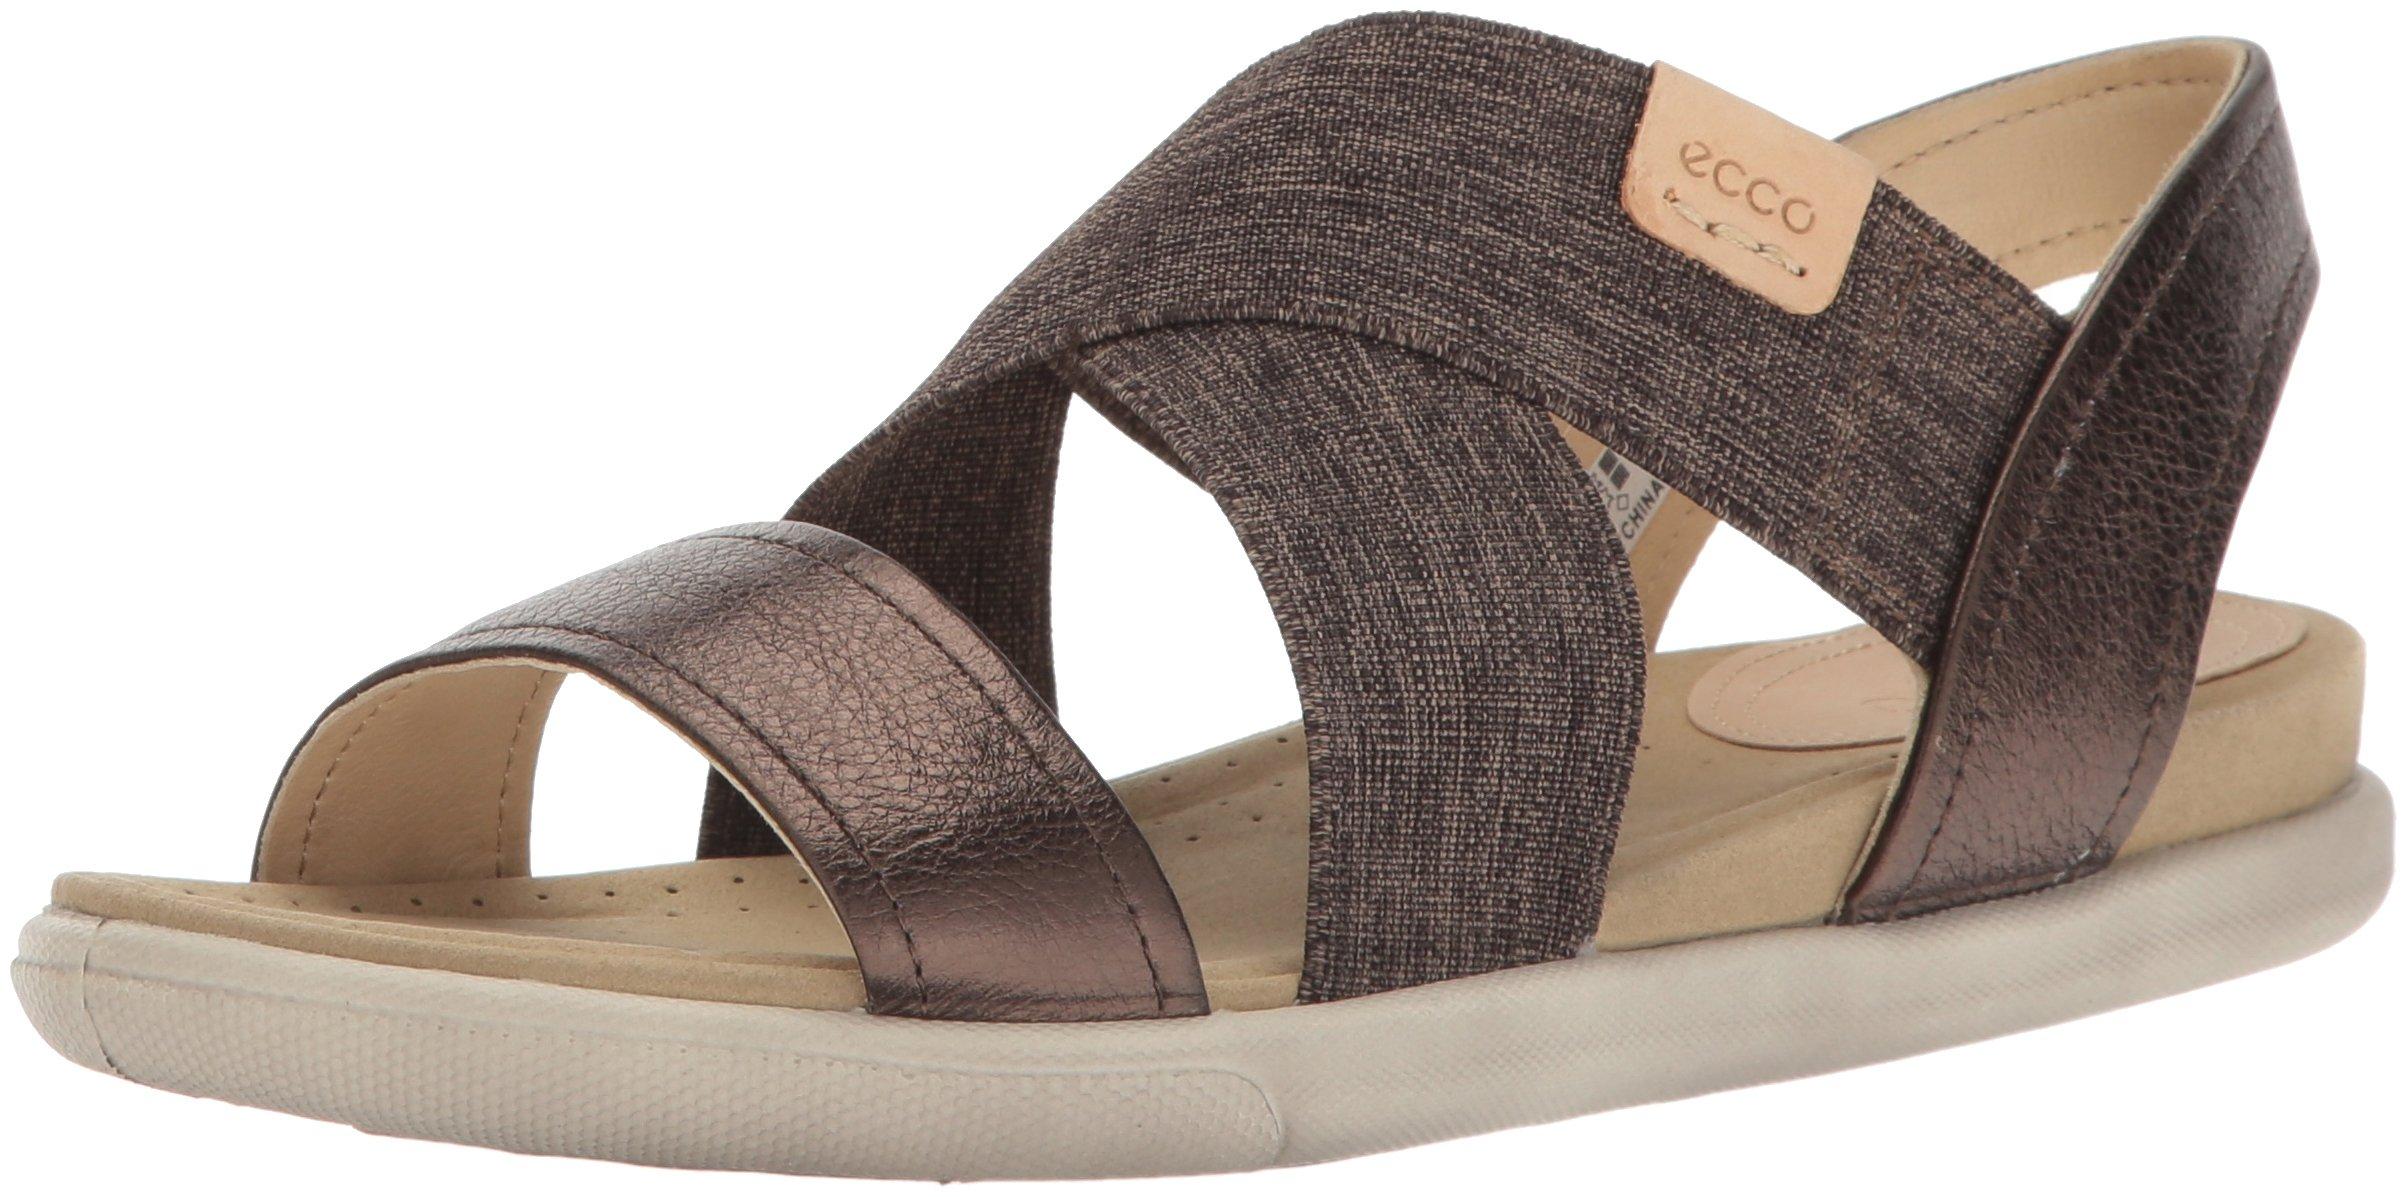 ECCO Women's Damara 2-Strap Flat Sandal, brown, Licorice/Powder, 39 EU/8-8.5 M US by ECCO